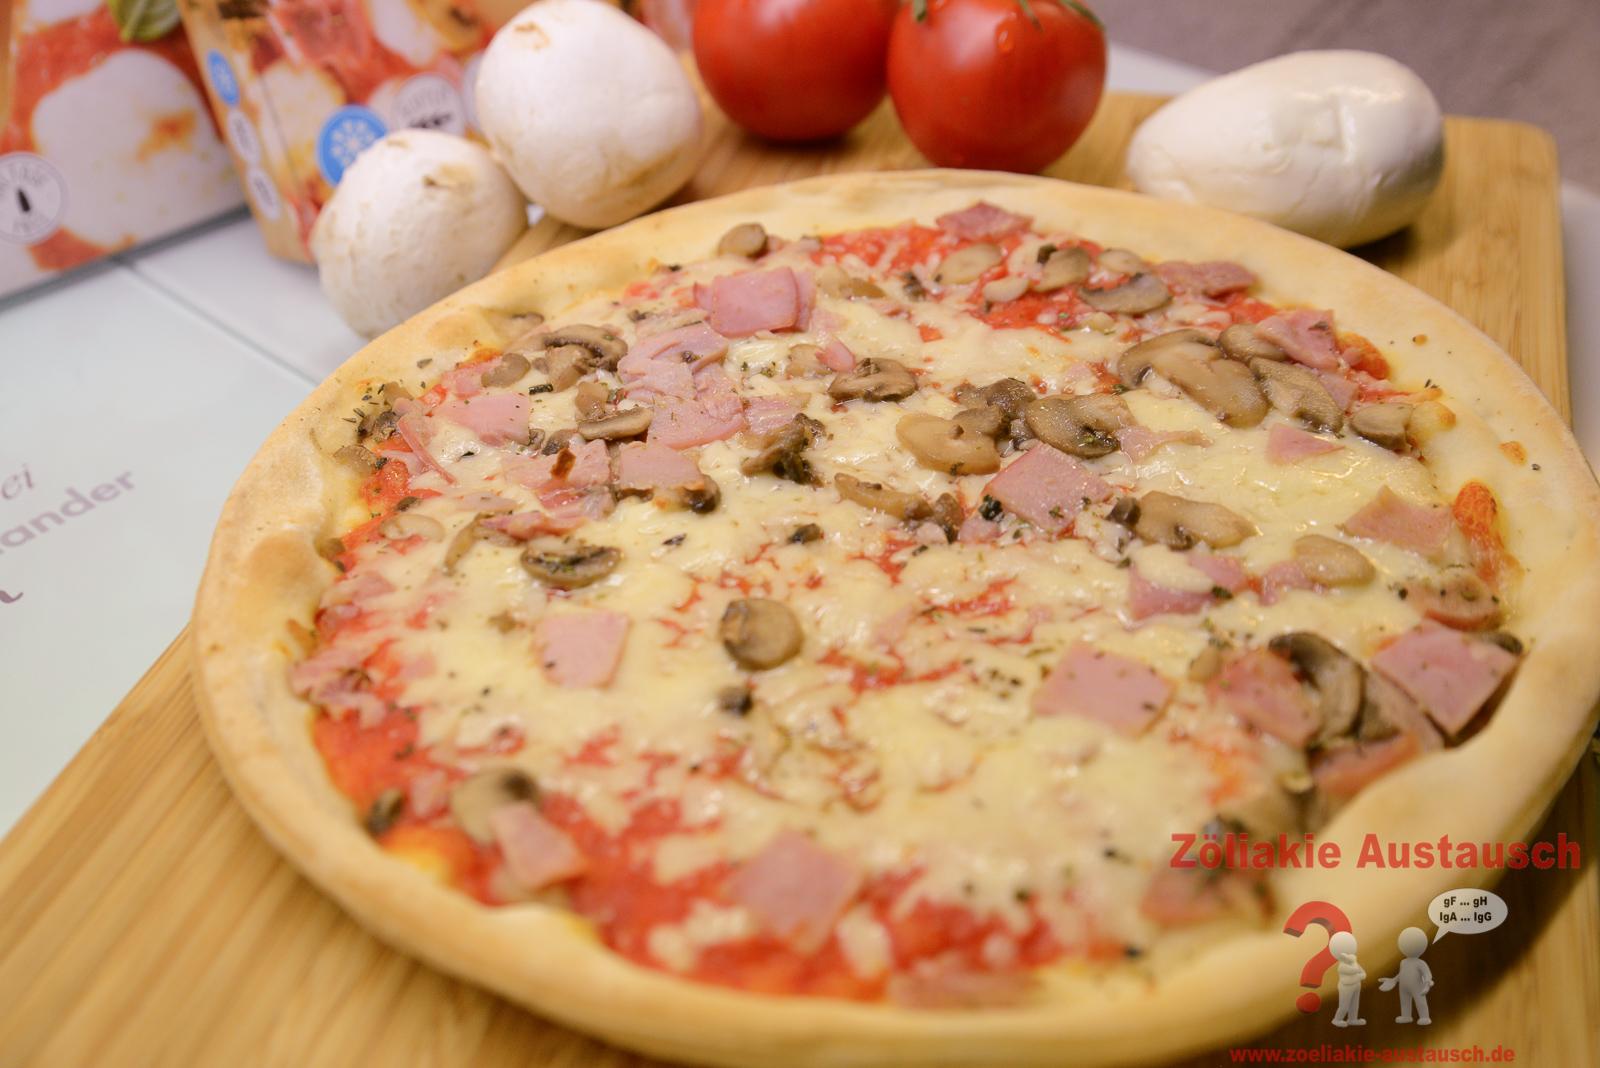 Schaer_Pizza-Zoeliakie_Austausch_029